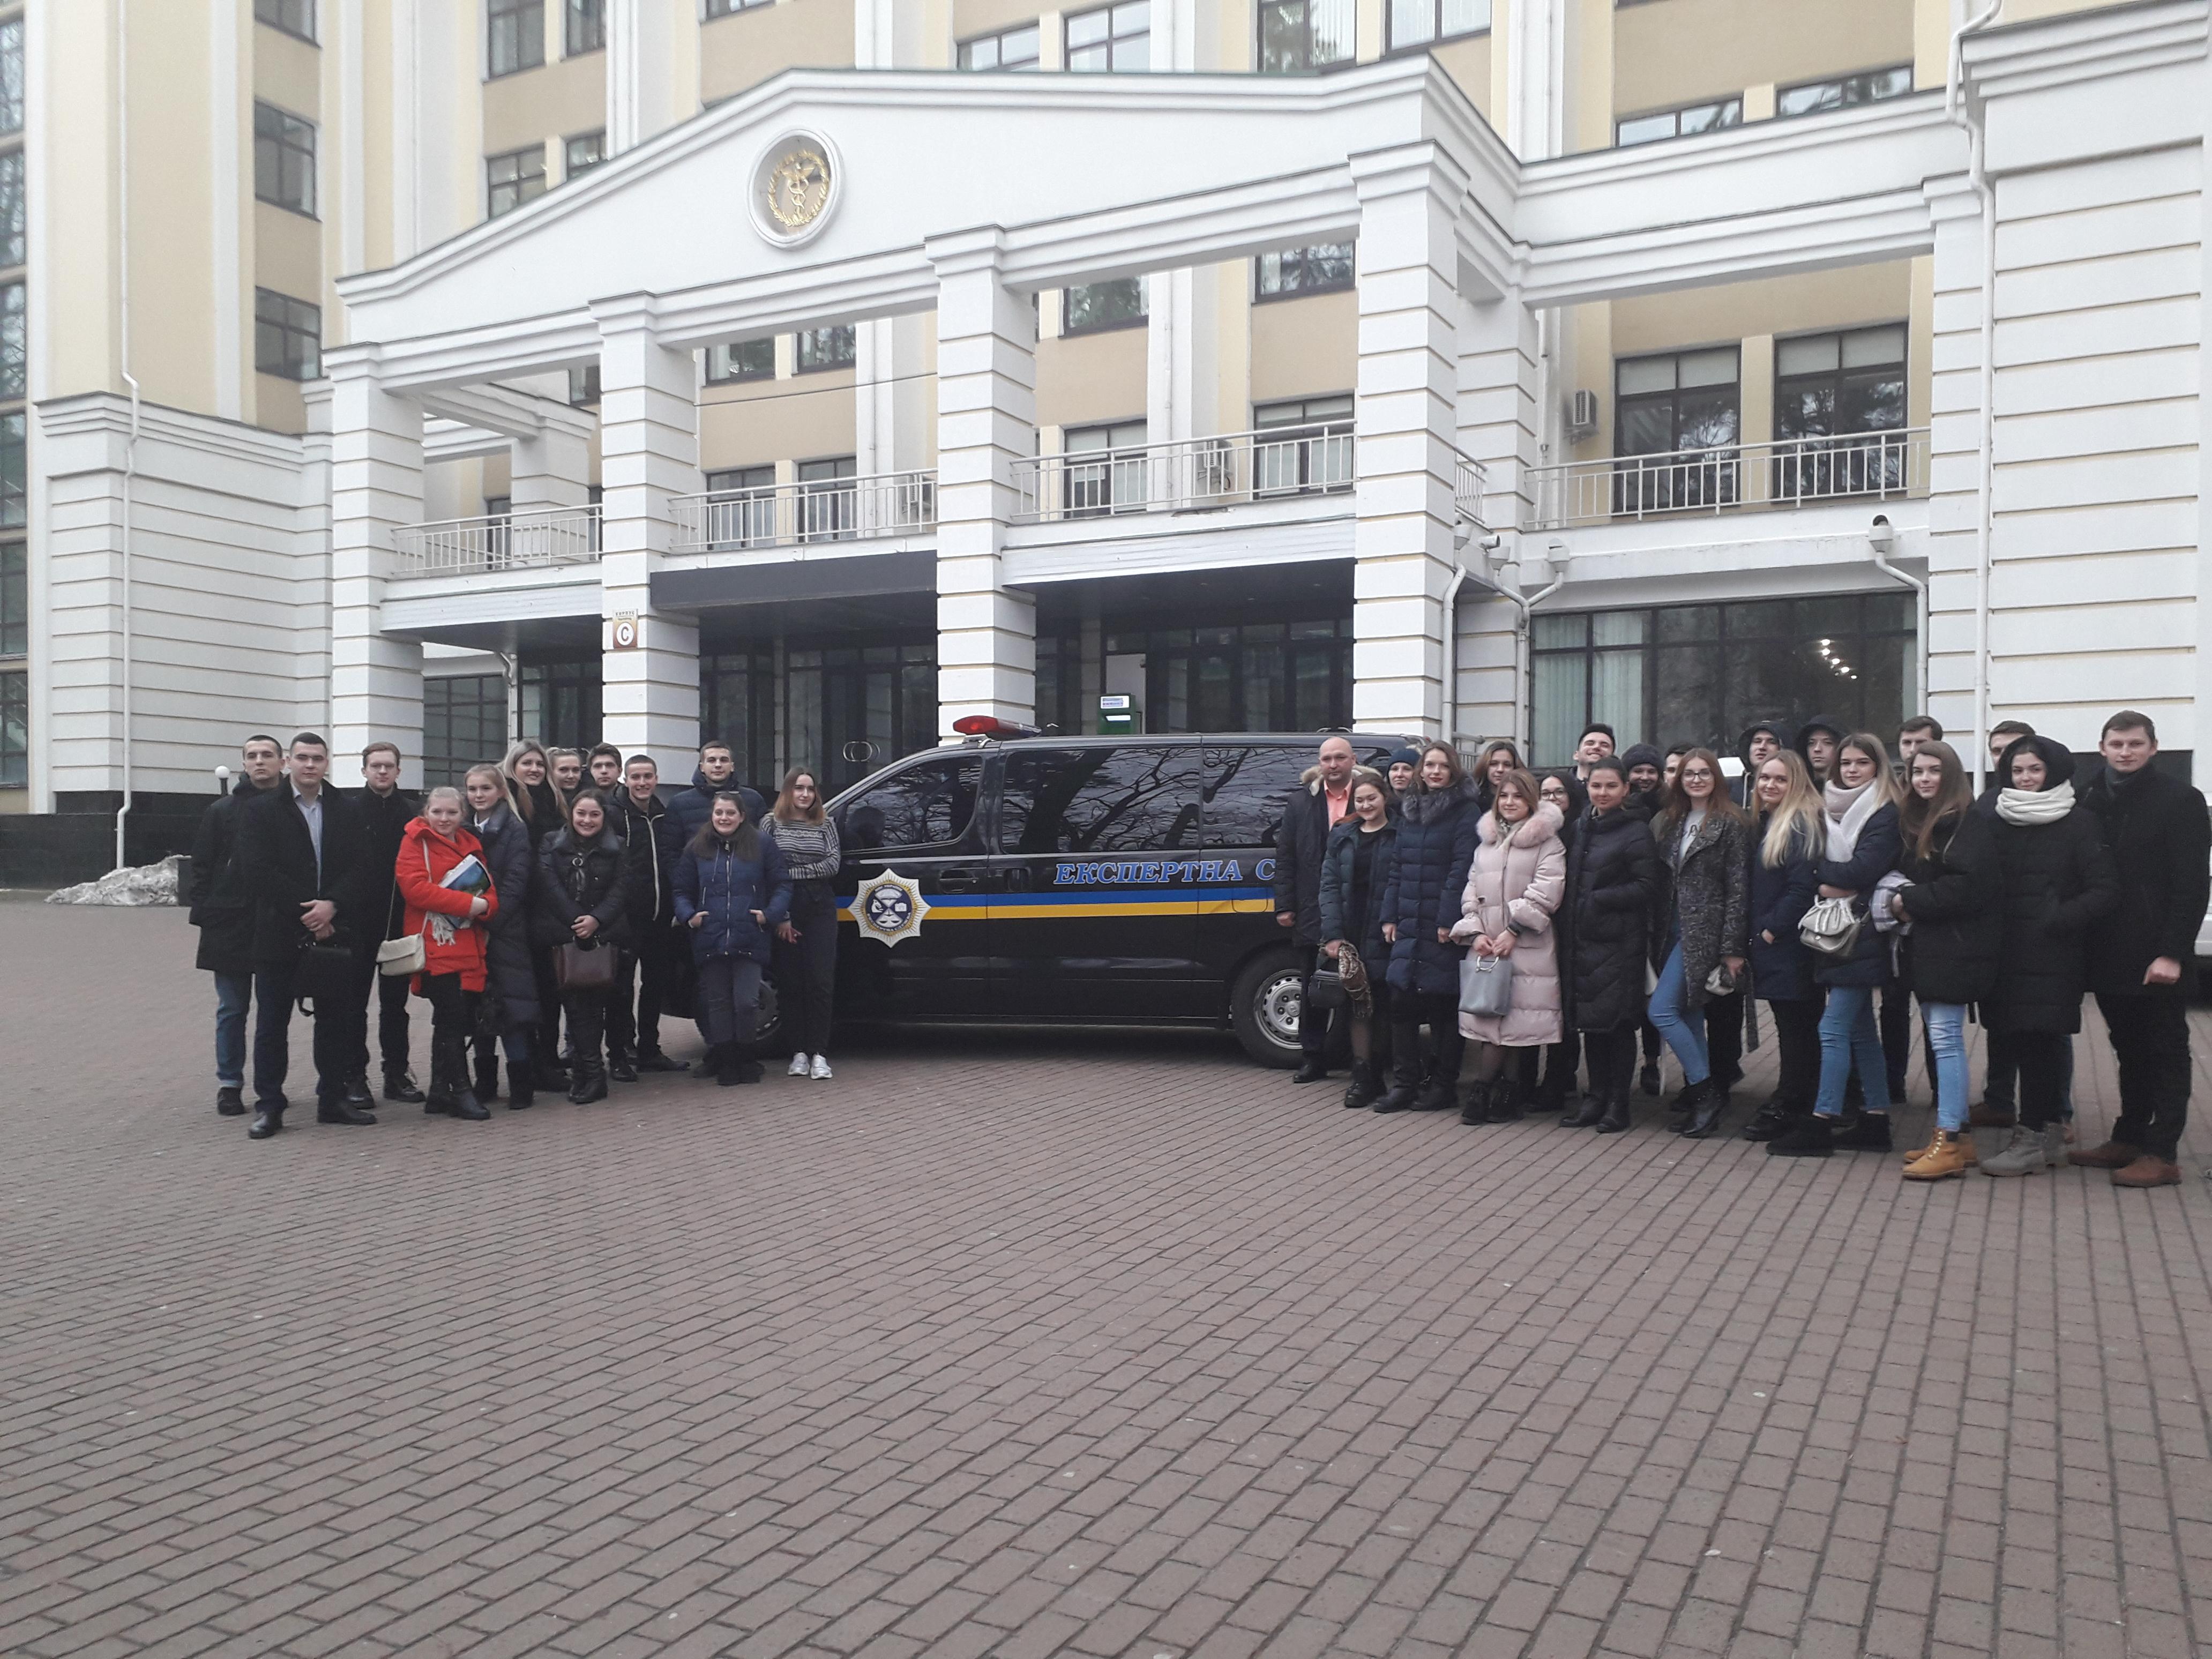 Було проведено майстер-клас представниками Київського науково-дослідного експертно-криміналістичного центру МВС України